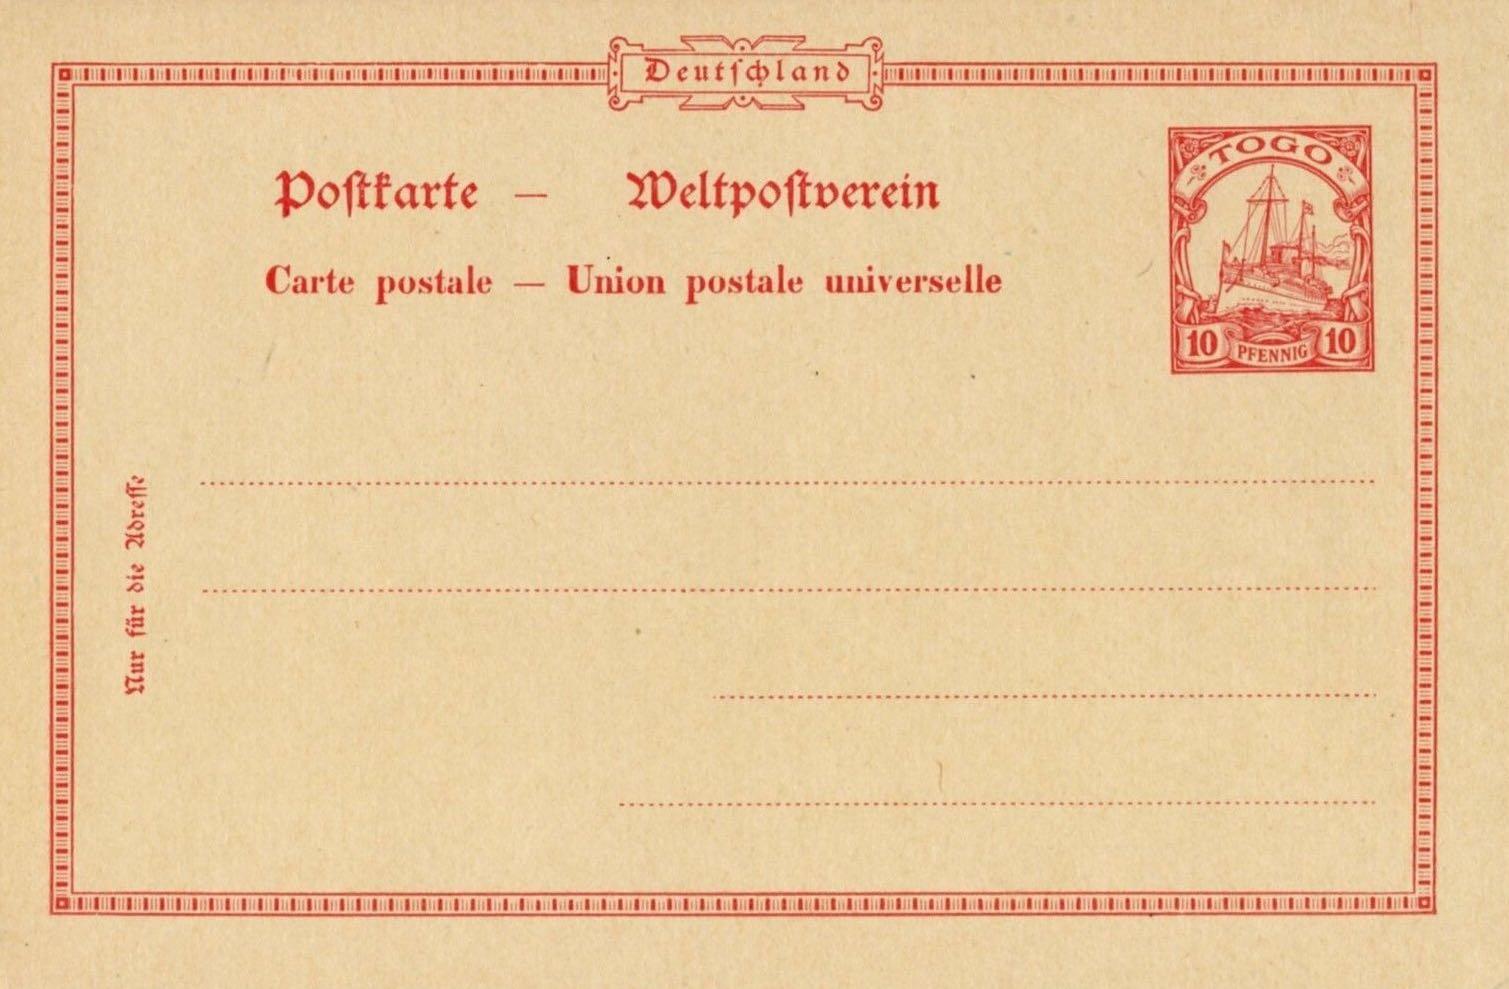 Togo_Postal_Stationary_P10